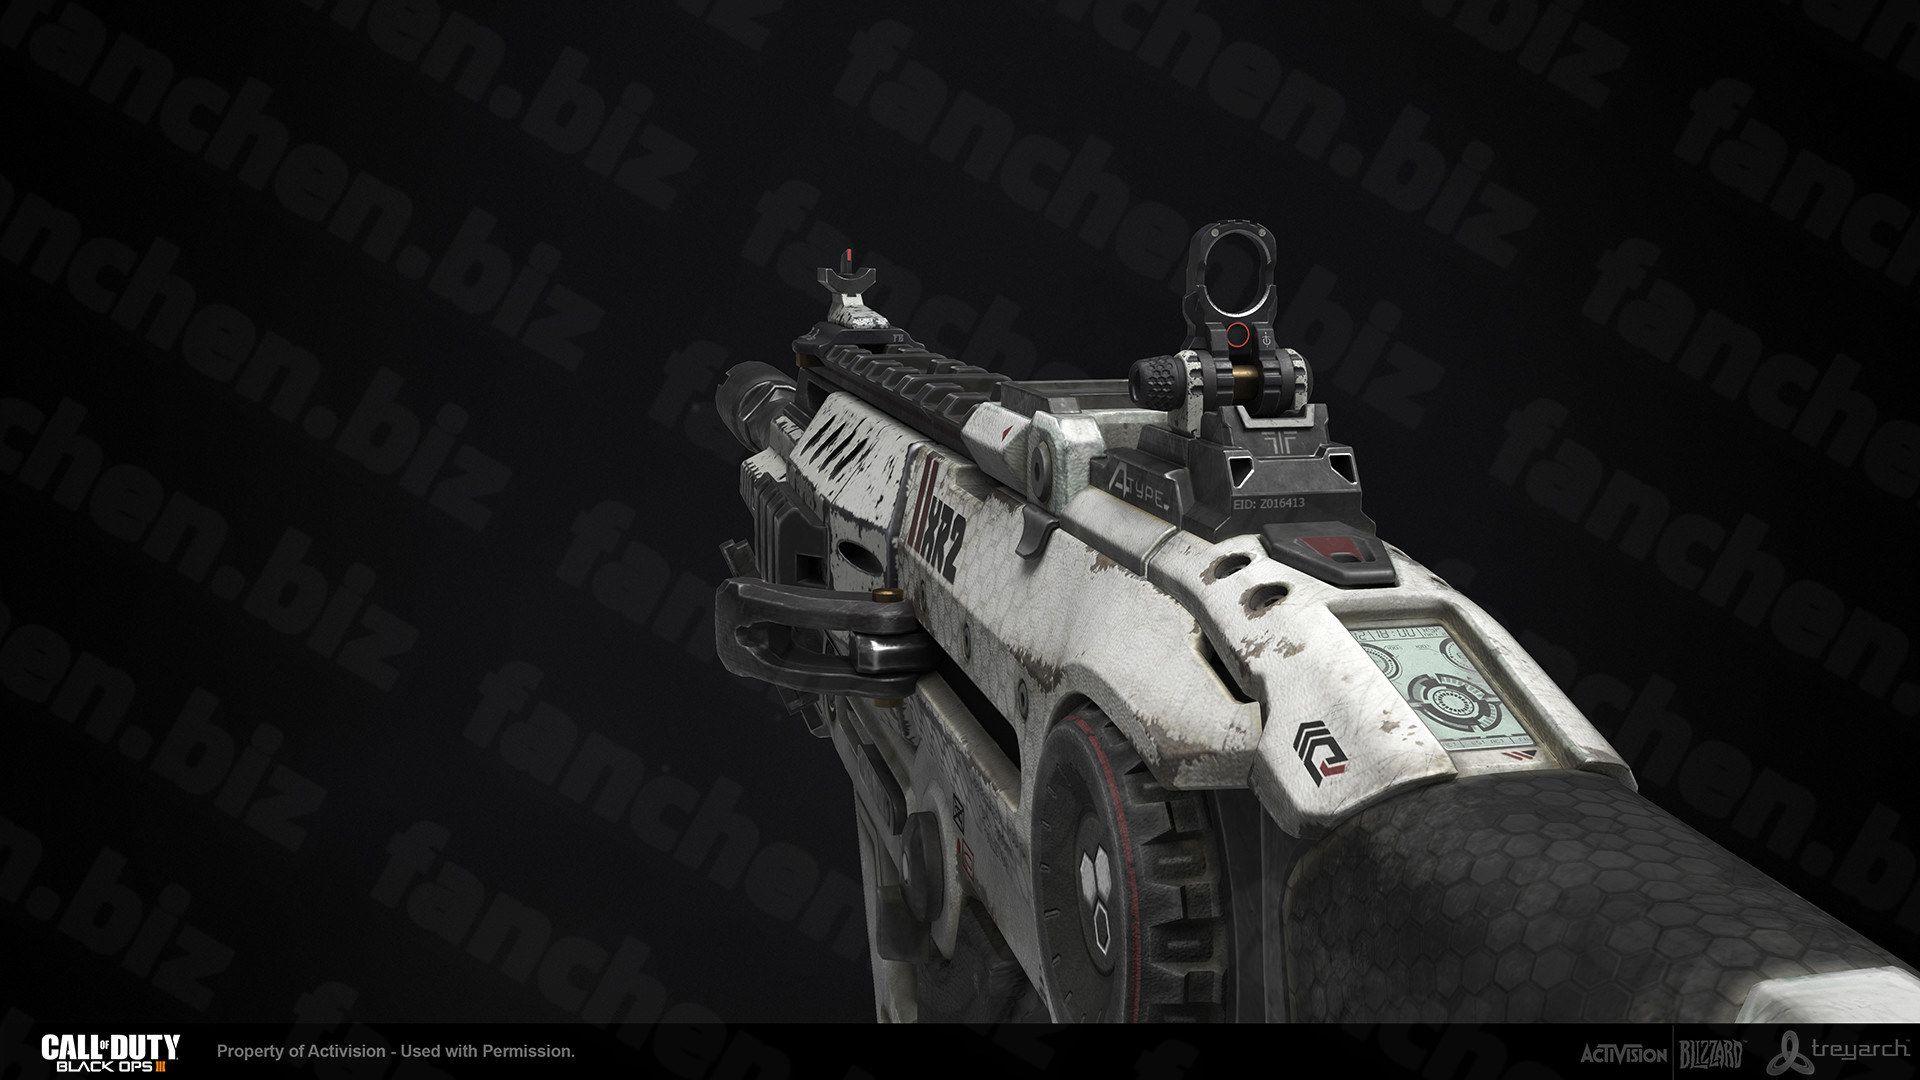 美国高级兵器艺术家Caleb Turner 枪械 武器CG作品-FANCHENBIZ